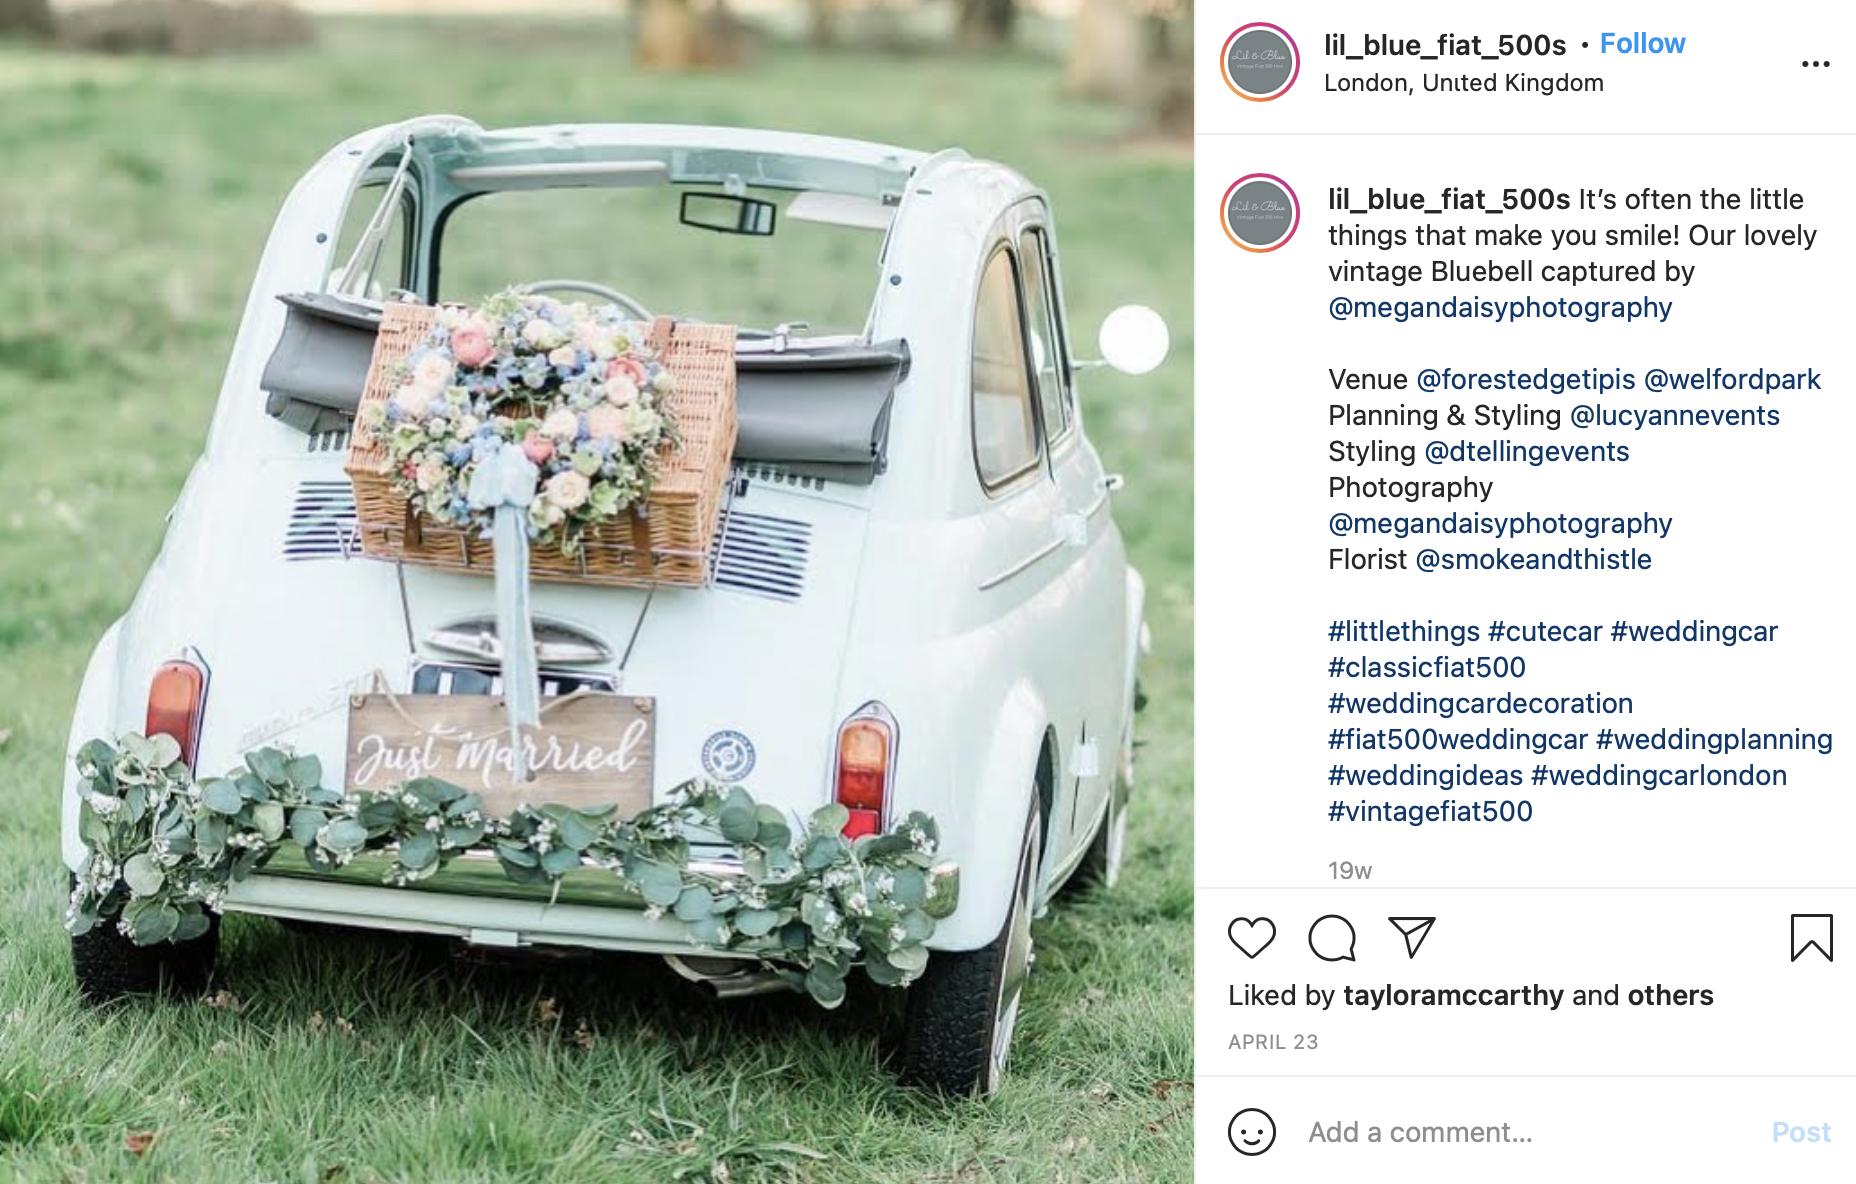 floral wreath wedding car decor